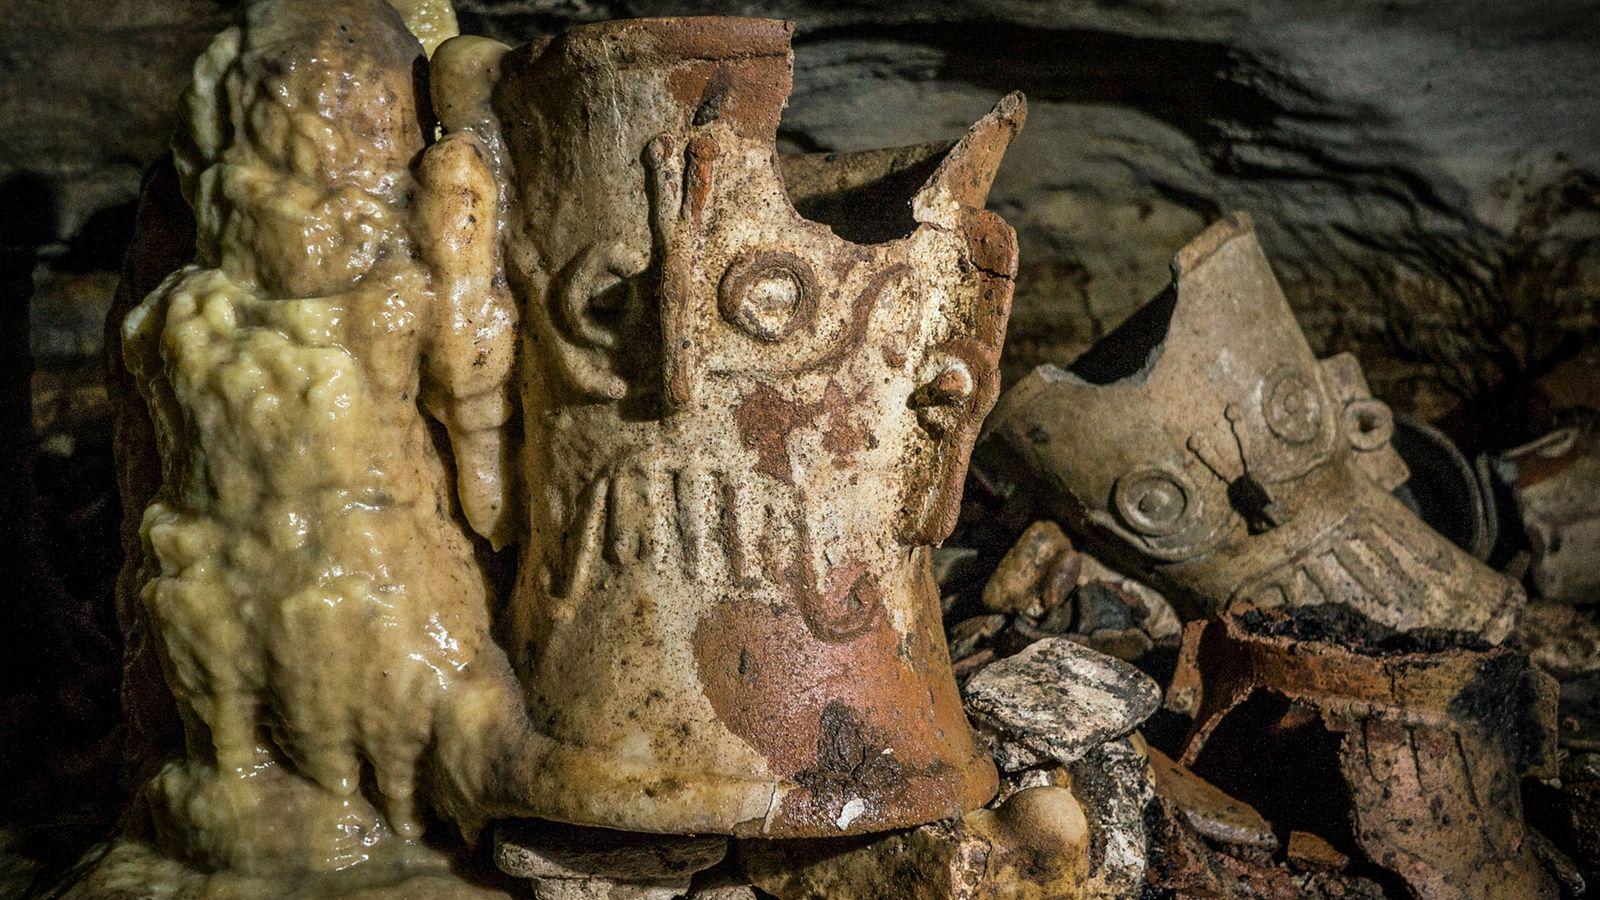 Im Laufe der Jahrhunderte haben sich Stalagmiten rund um die rituellen Objekte wie dieses Räuchergefäß gebildet, ...